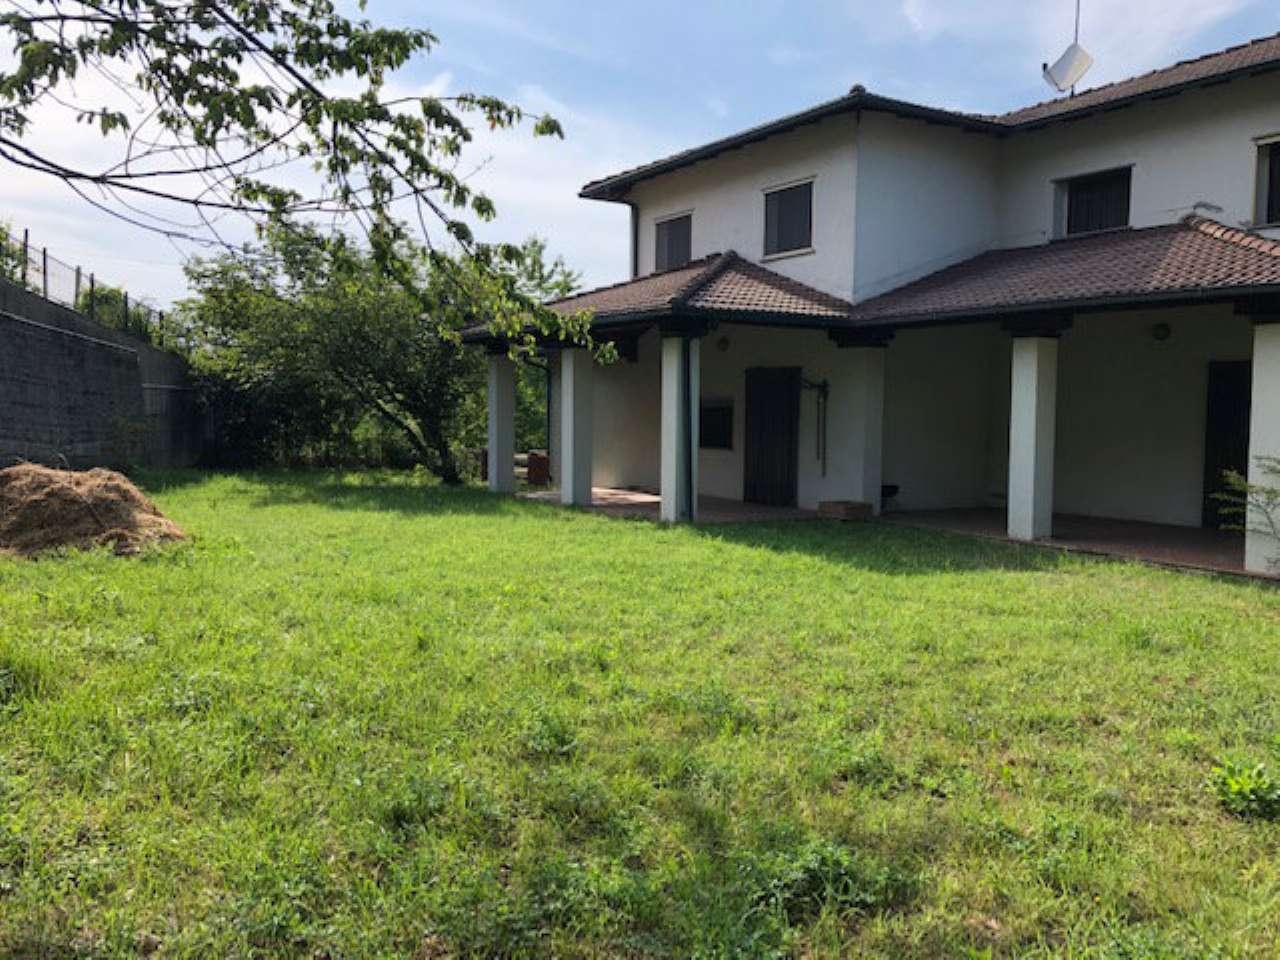 Villa in vendita a Gavi, 11 locali, prezzo € 480.000 | PortaleAgenzieImmobiliari.it